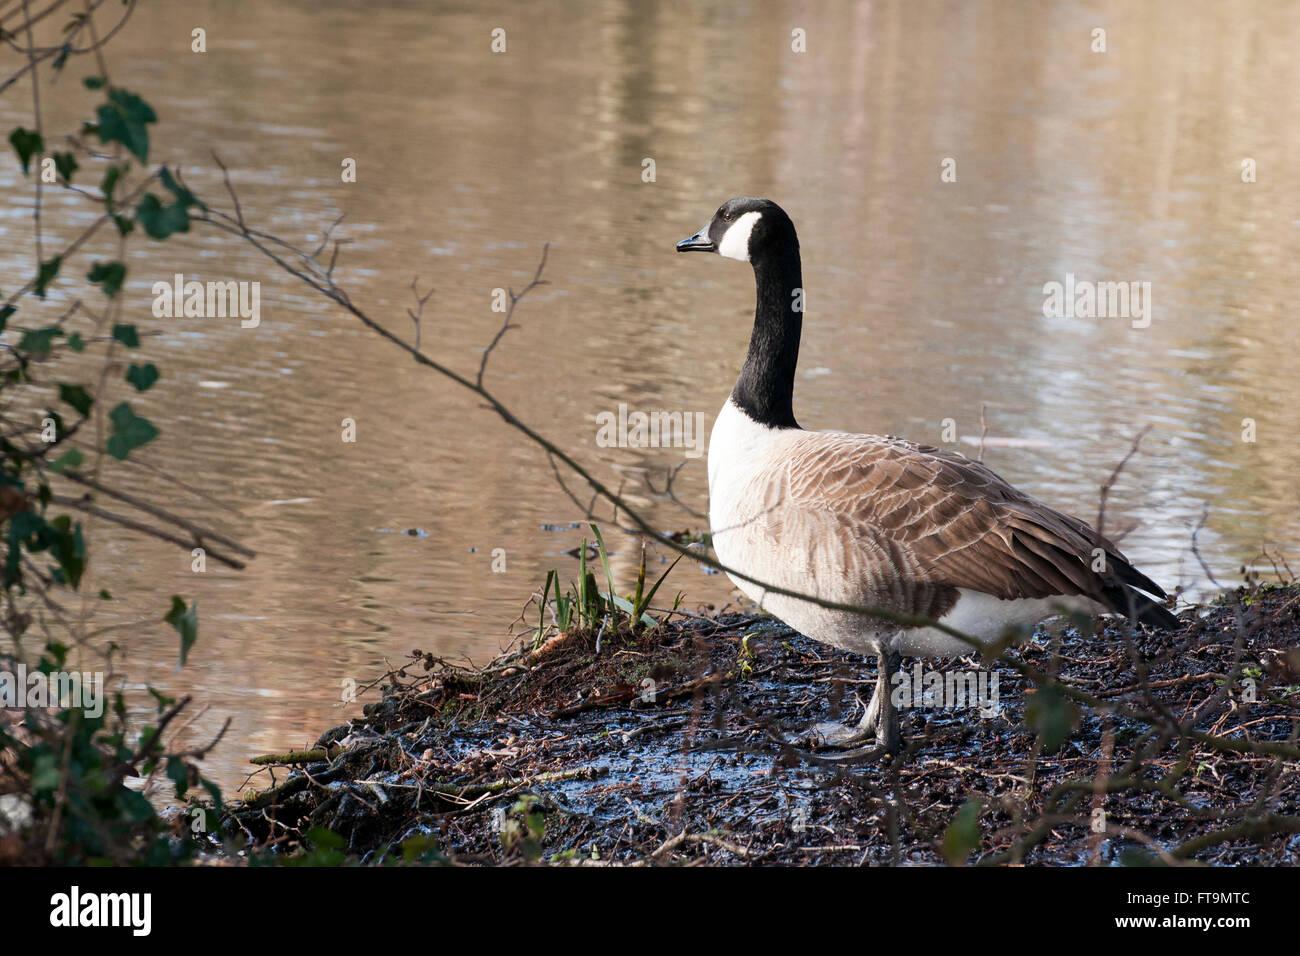 canada goose reading